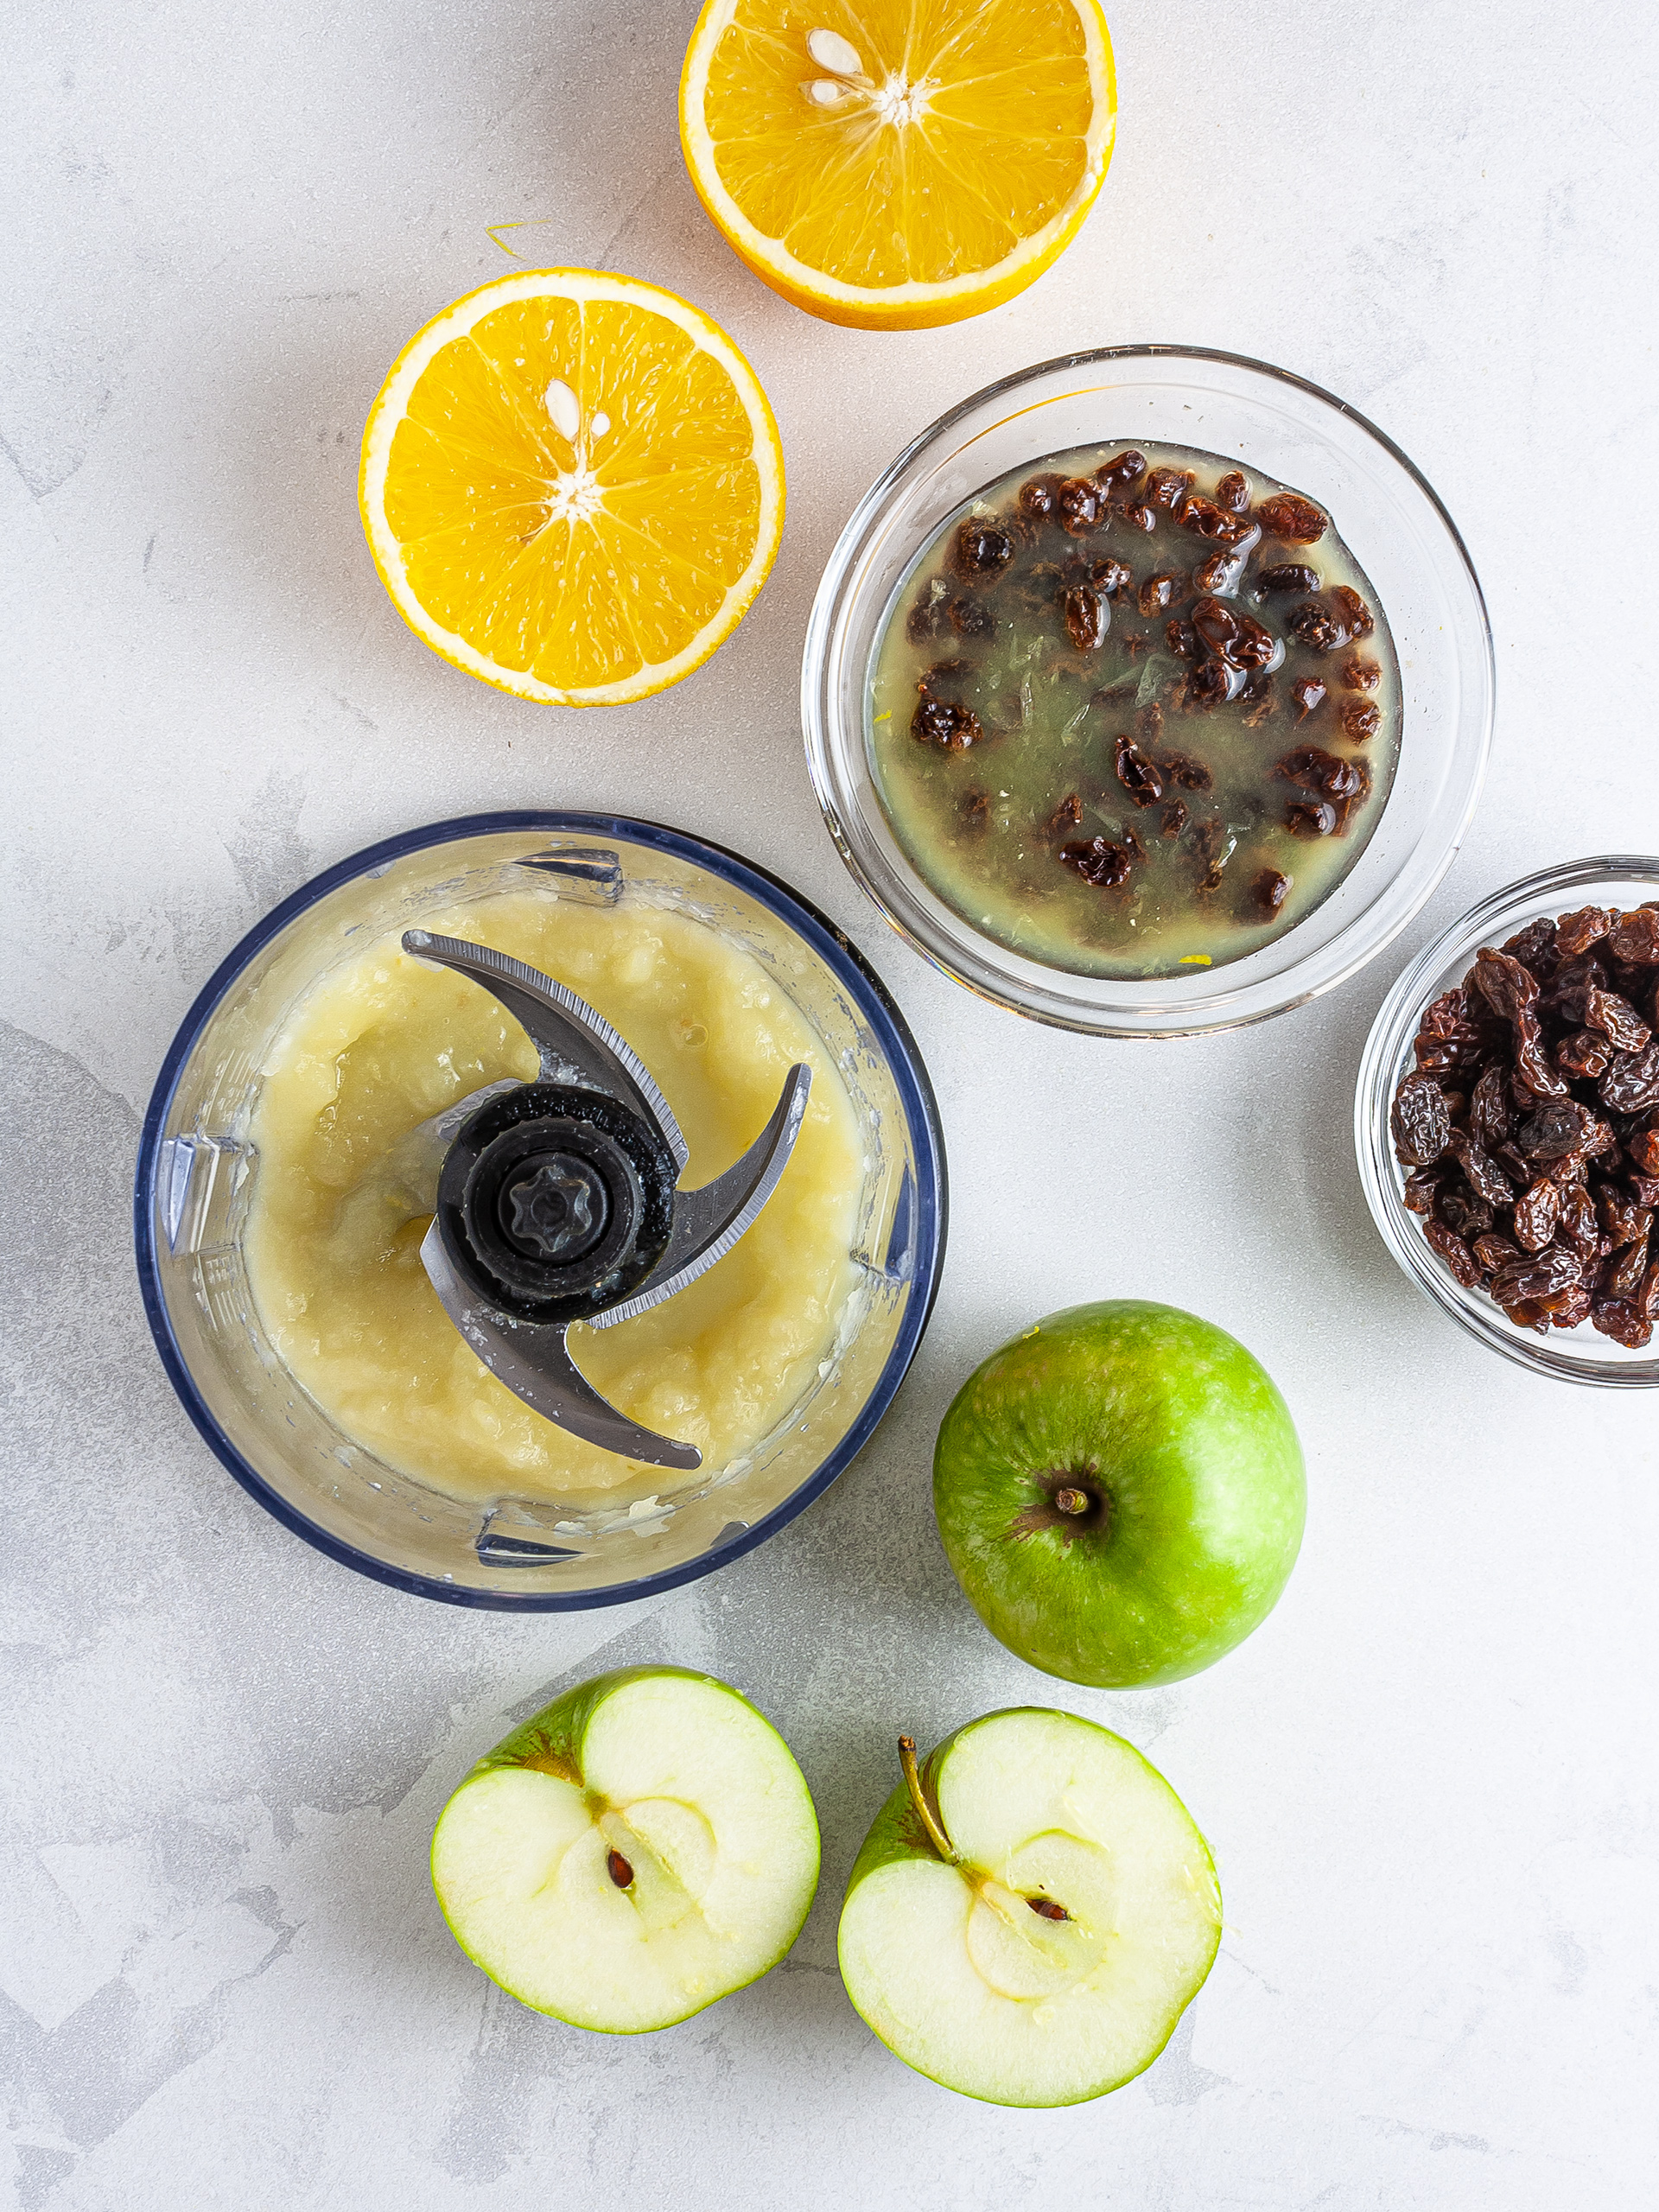 Applesauce and soaked raisins